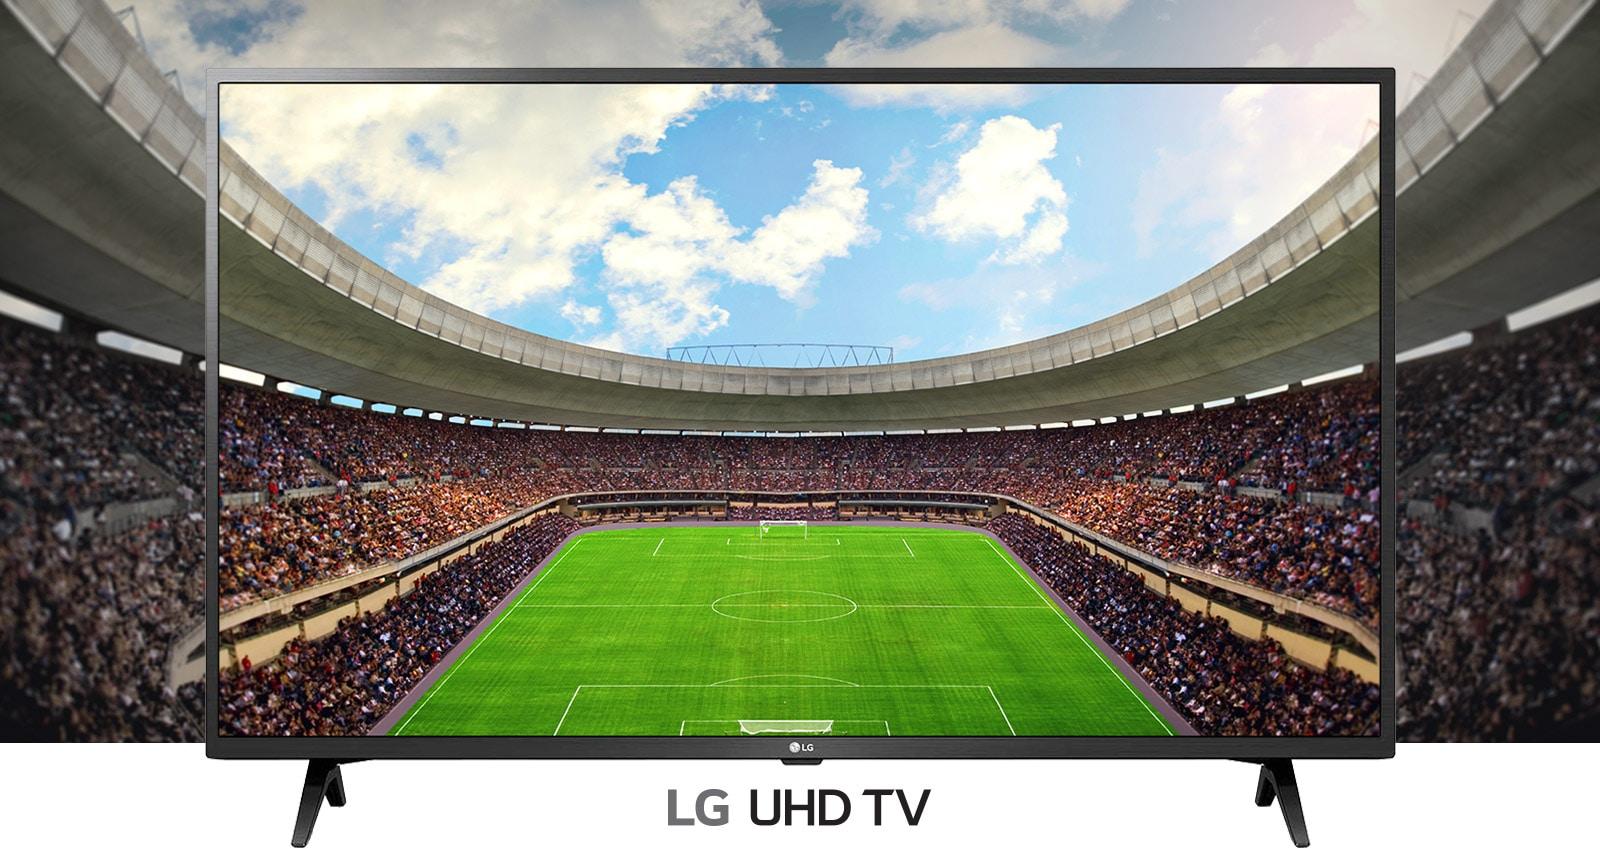 LG 55UN7300PTC Real 4K